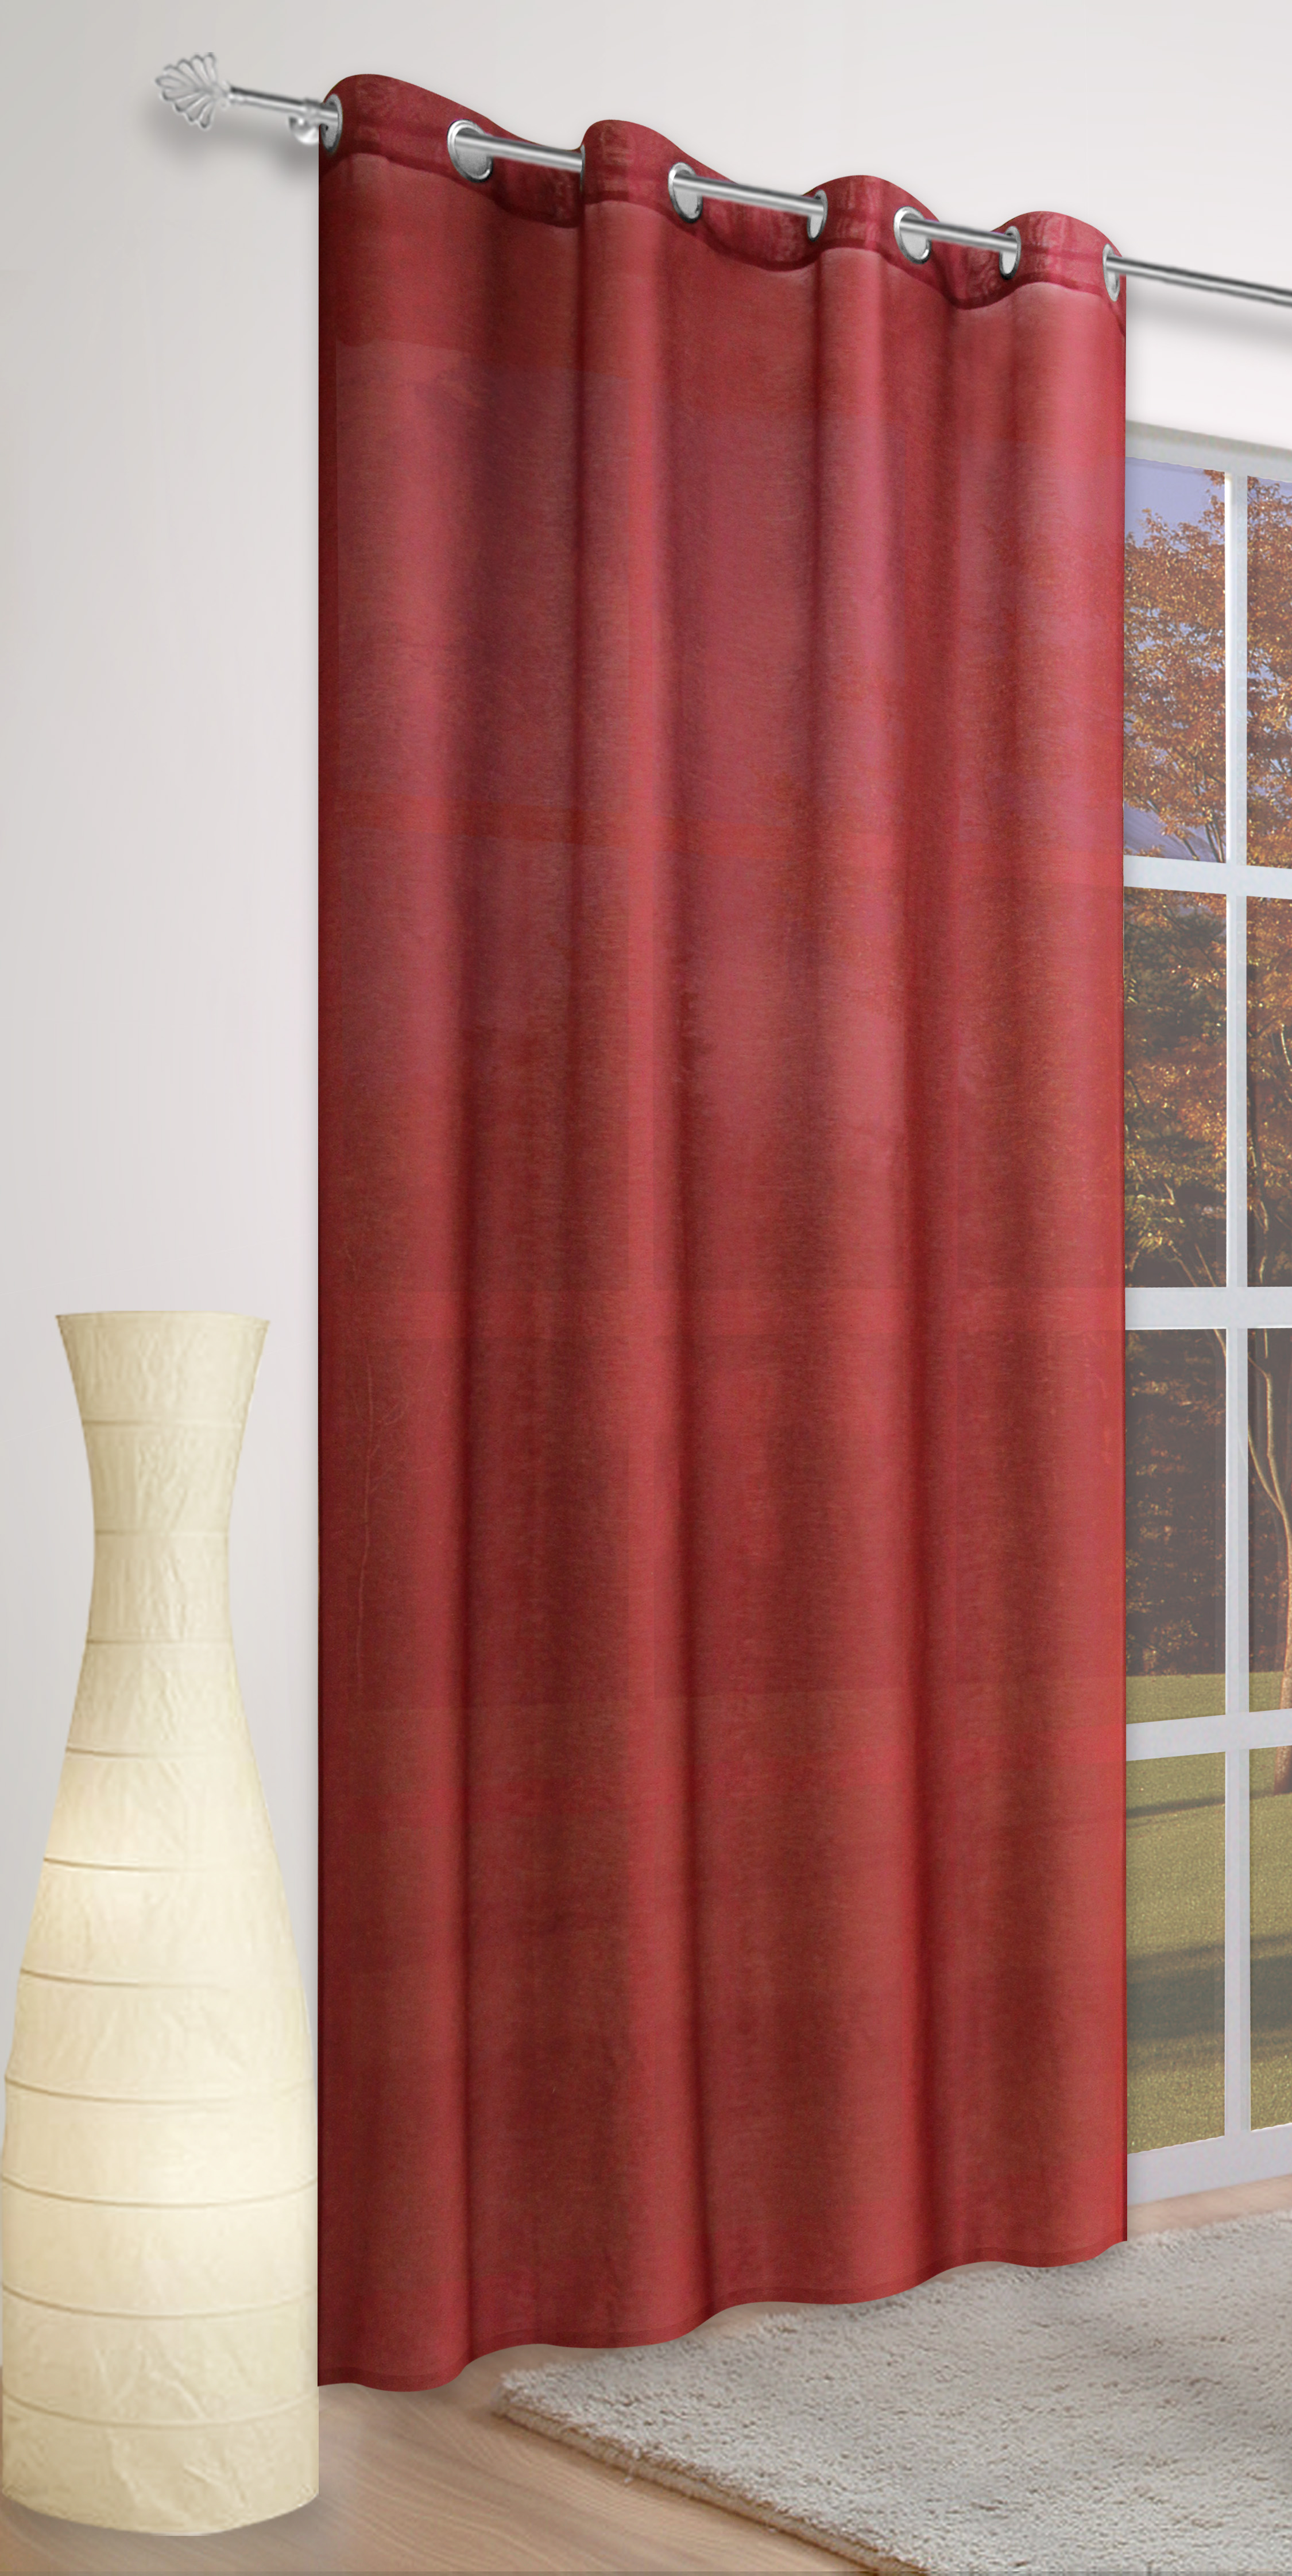 senvorhang einfarbig blickdicht sable rot valor sale bn gardinen online shop. Black Bedroom Furniture Sets. Home Design Ideas